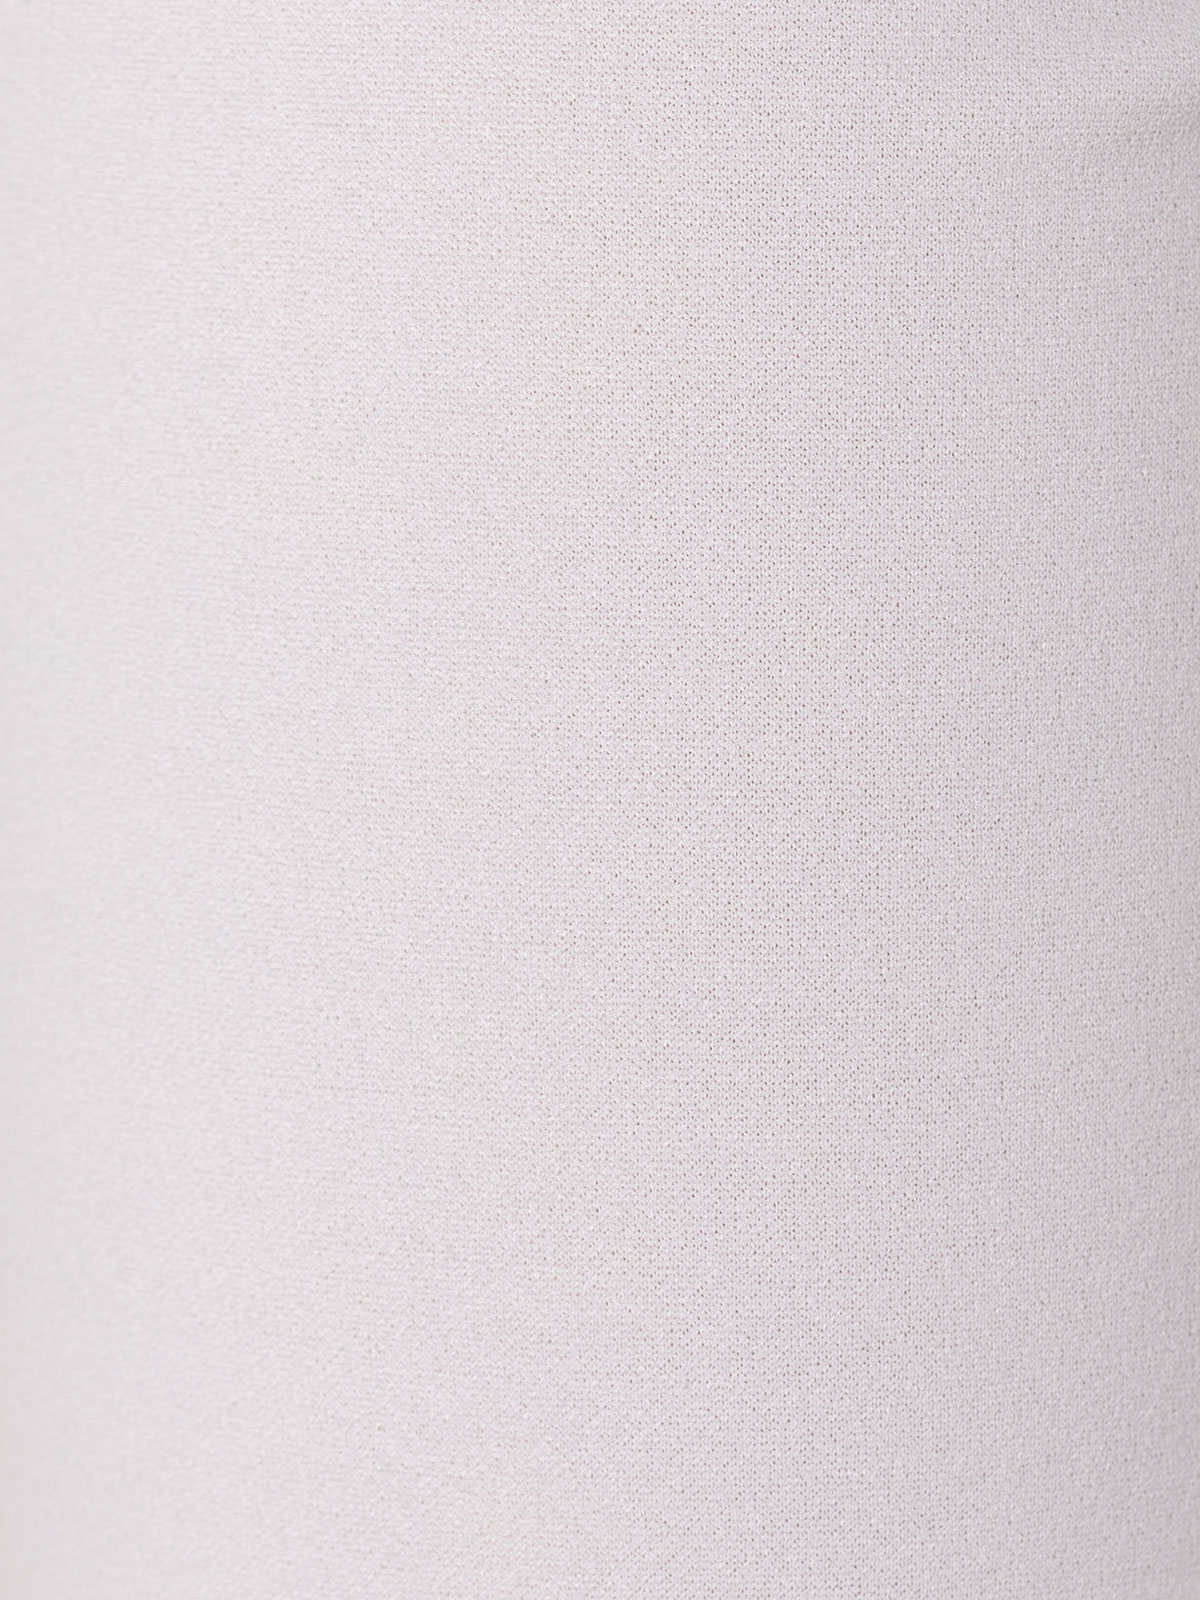 Pantalón mujer culotte tiro alto Blanco